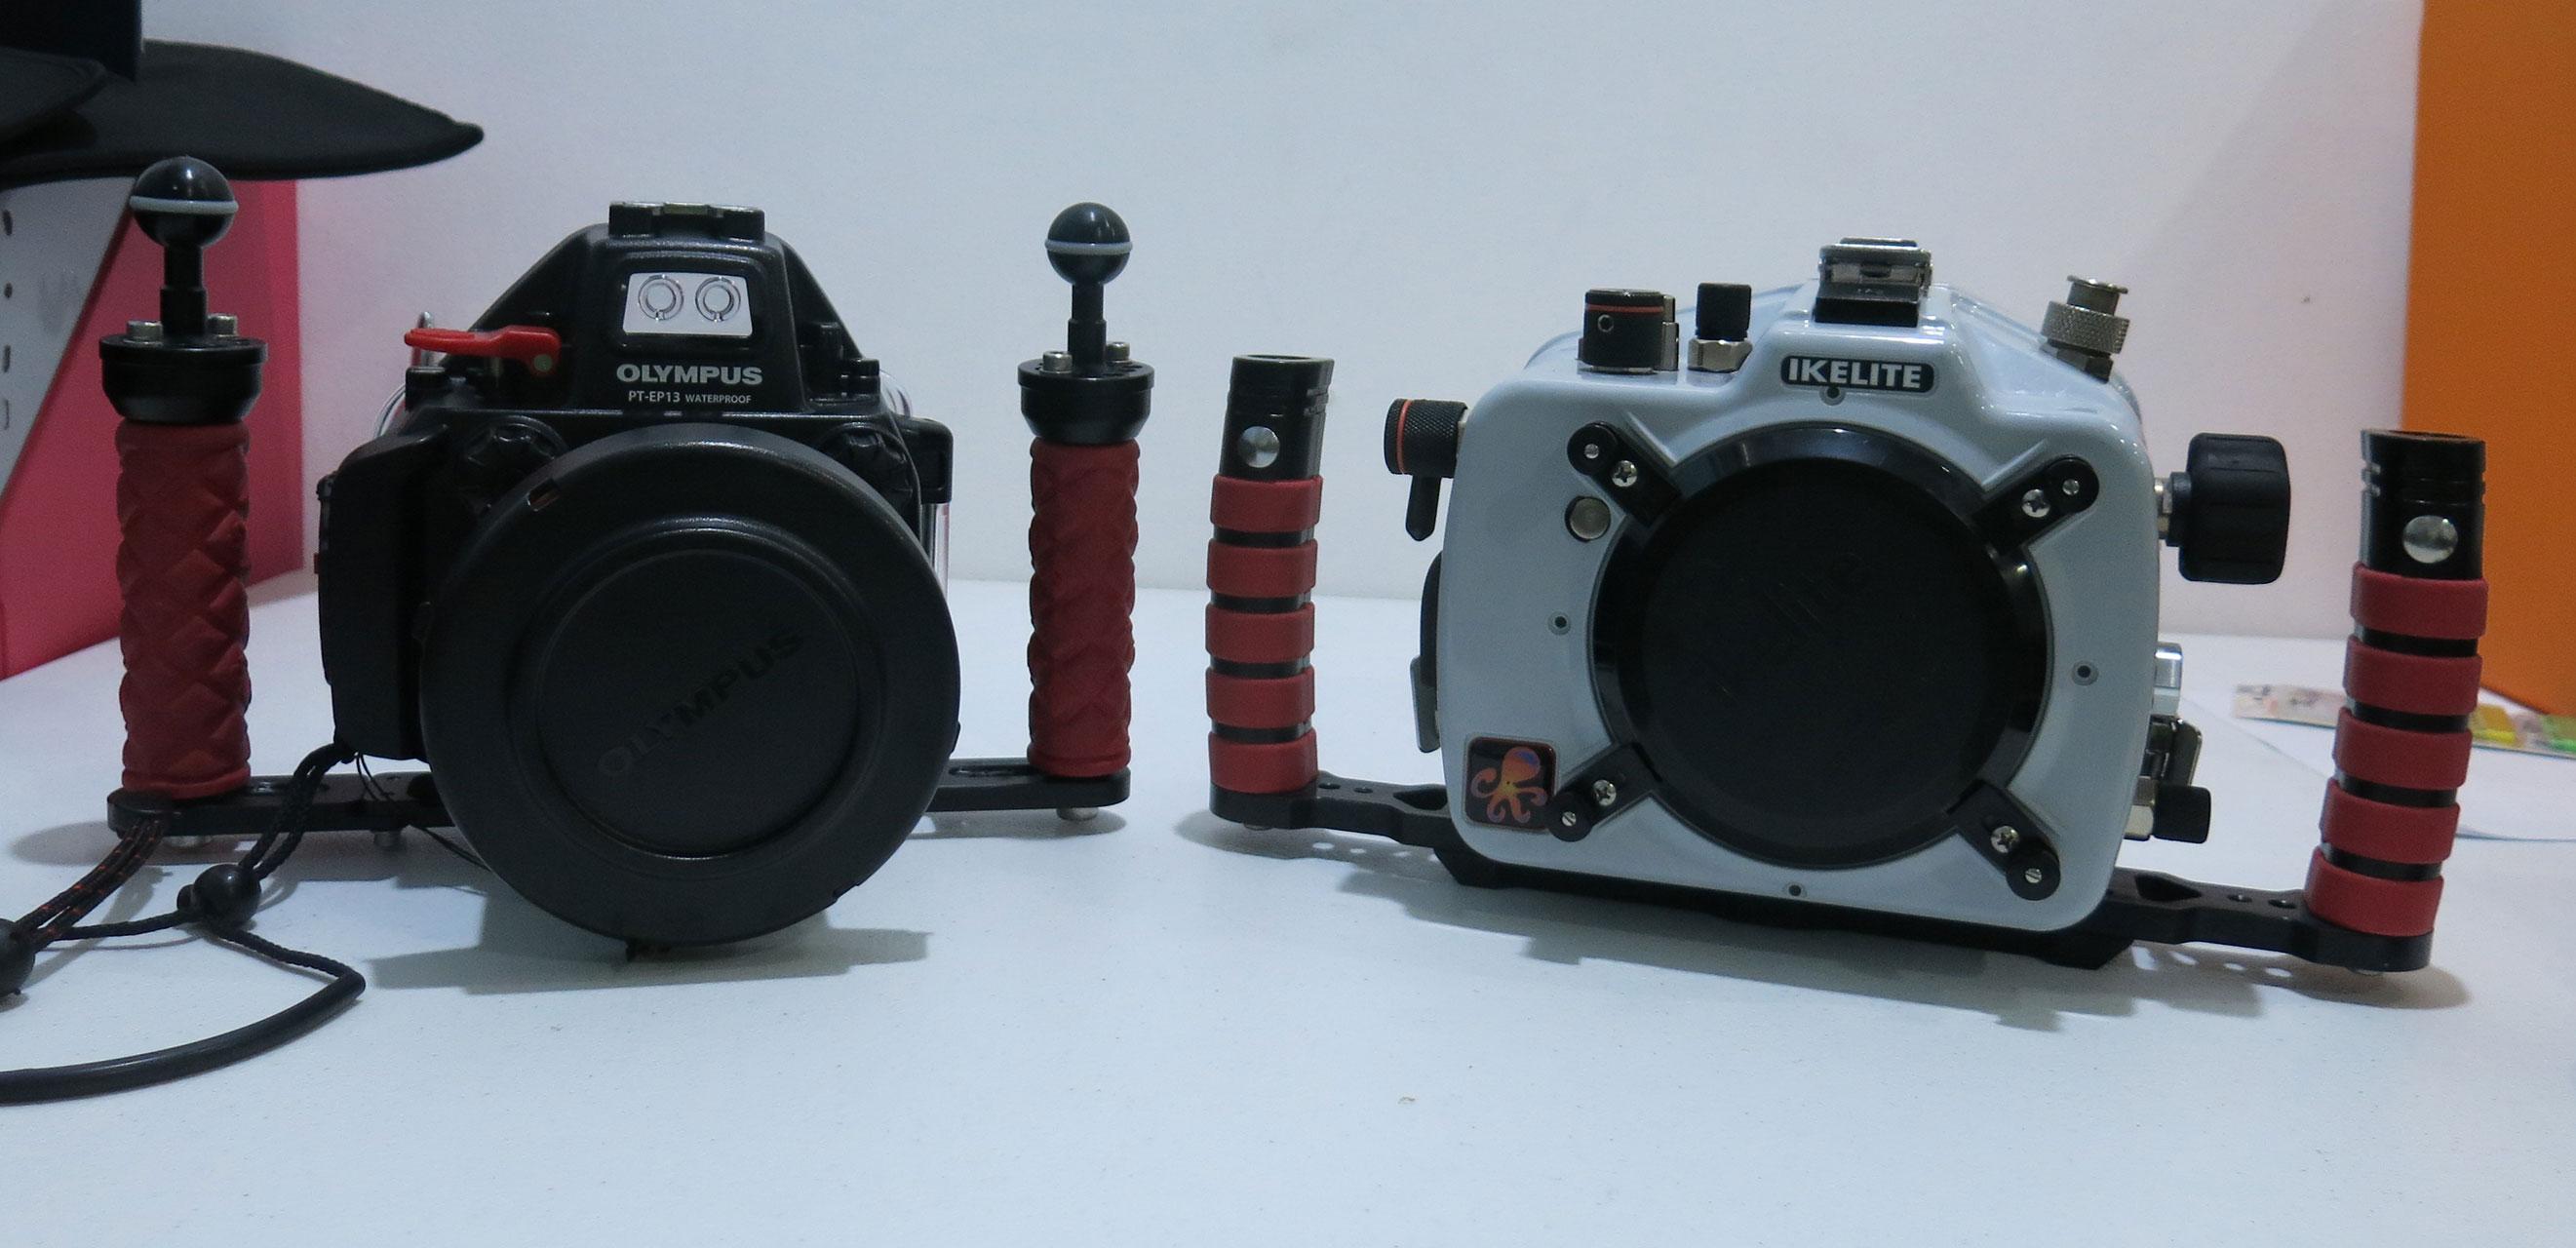 memilih peralatan untuk fotografi underwater 03 - Memilih Peralatan untuk Fotografi Underwater